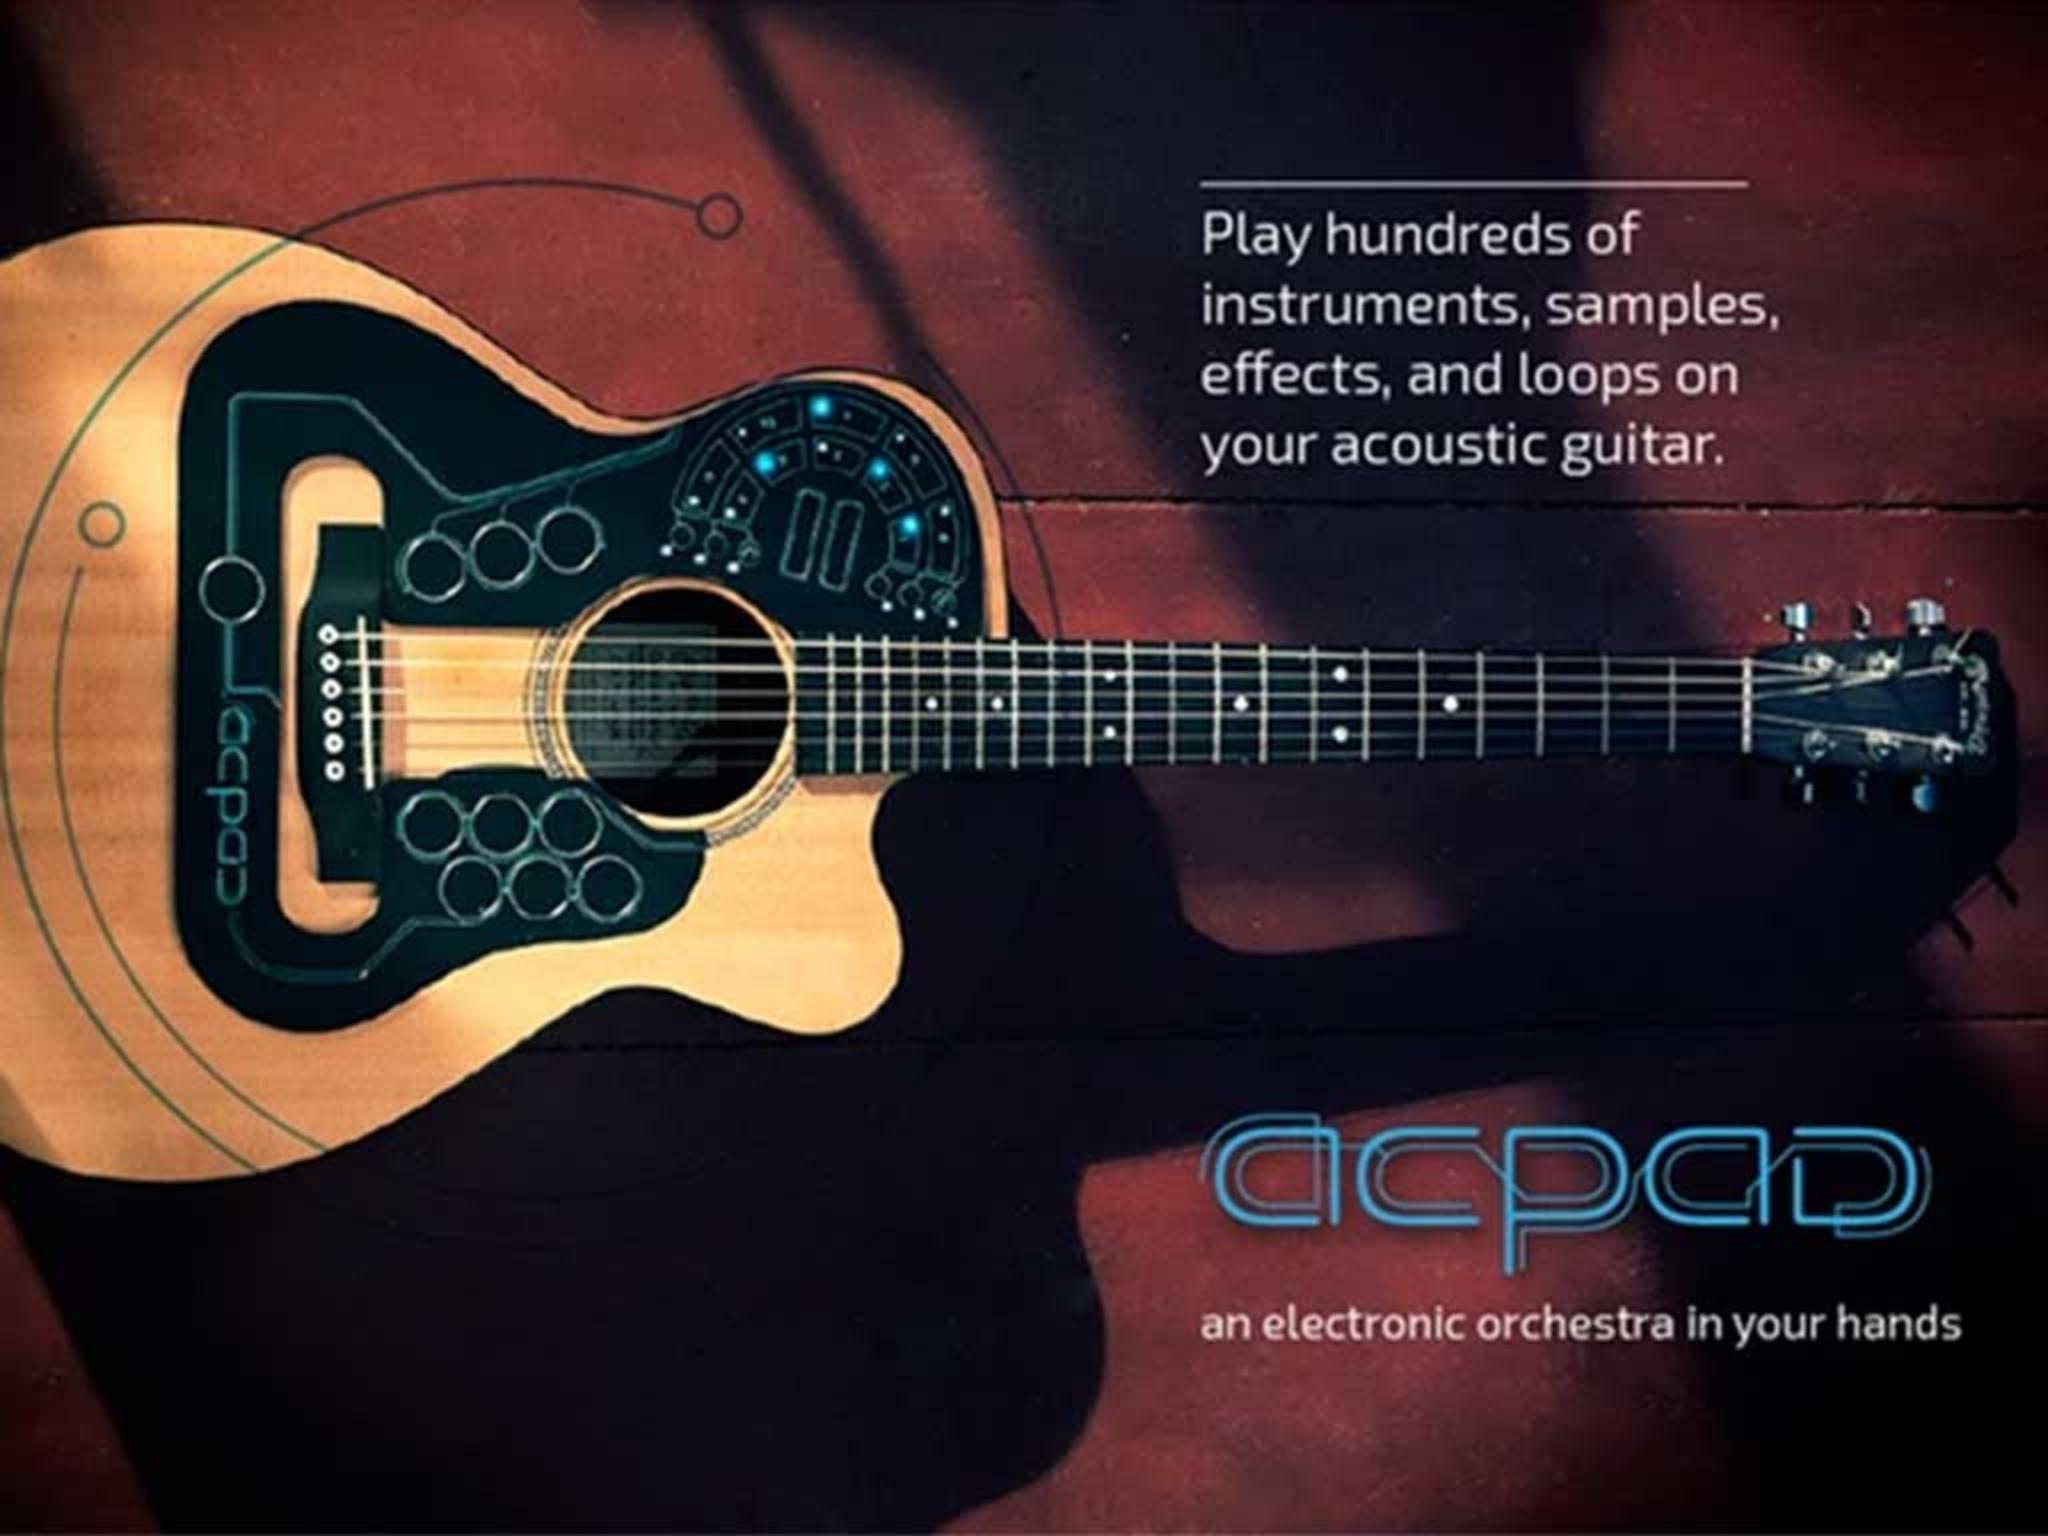 ACPAD Kickstarter